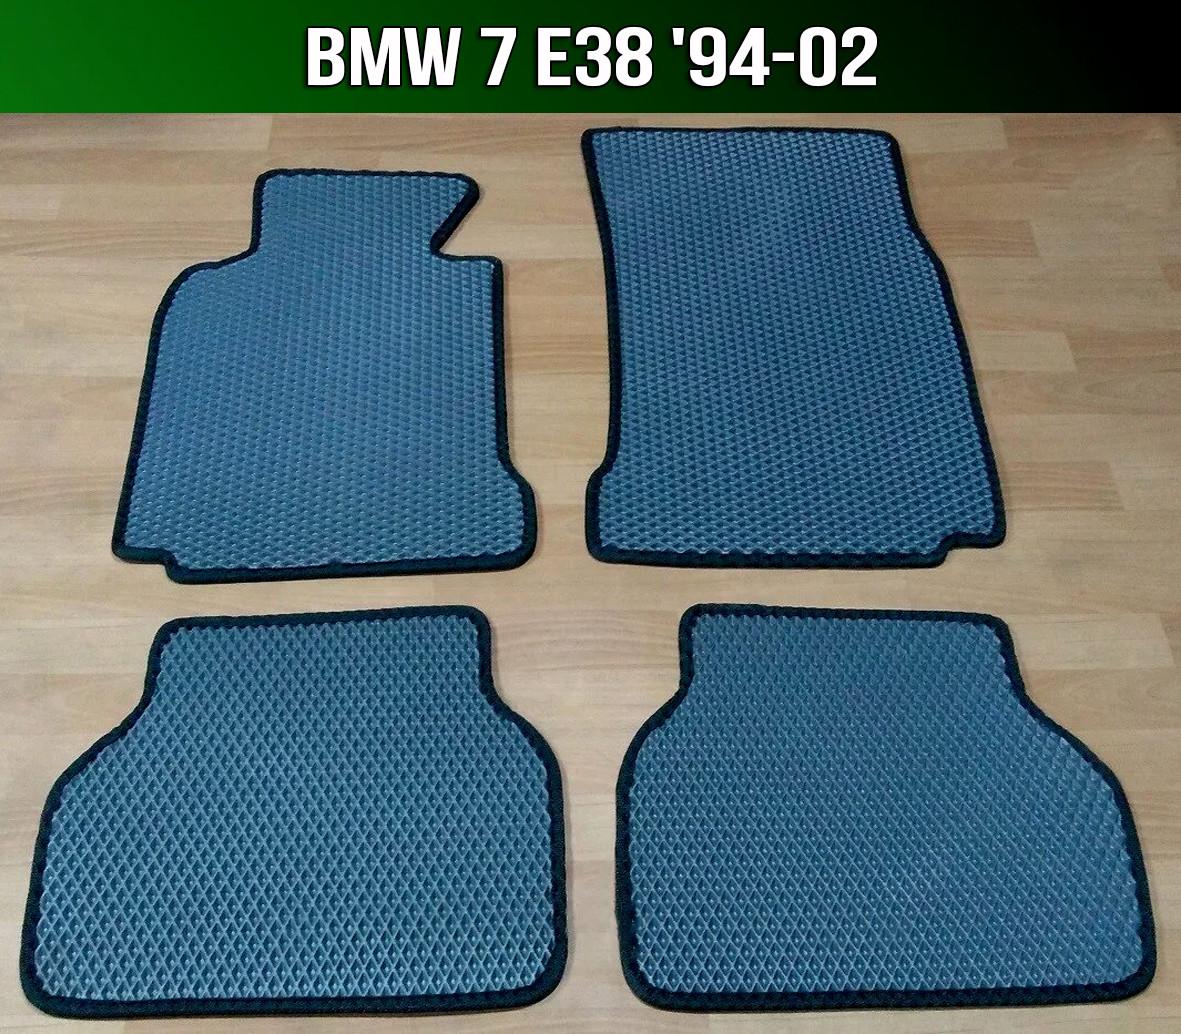 ЕВА коврики на BMW 7 E38 '94-02. Ковры EVA БМВ 7 е38